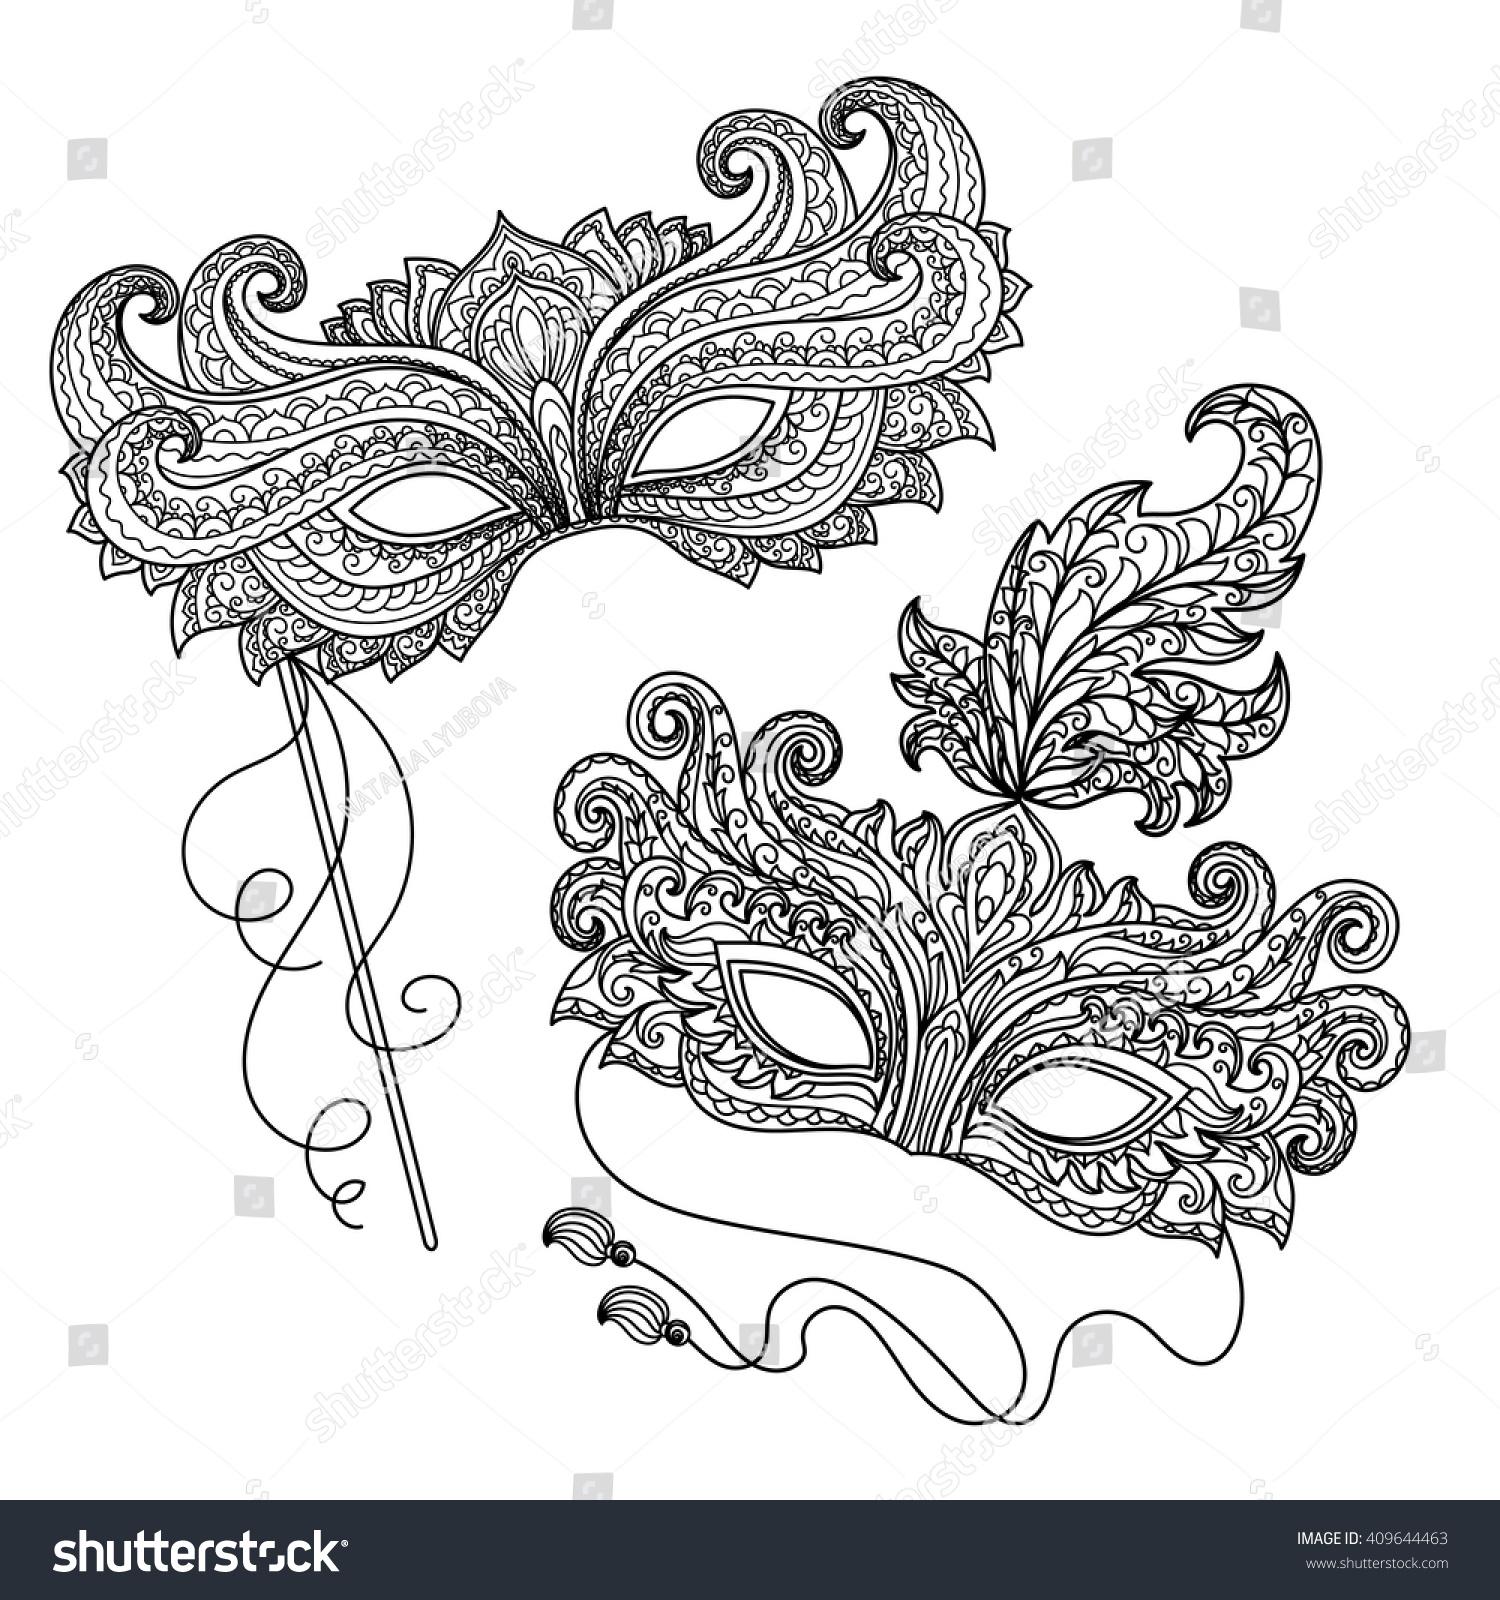 Vector Black And White Illustration Design Element Outline Doodle Mask Set